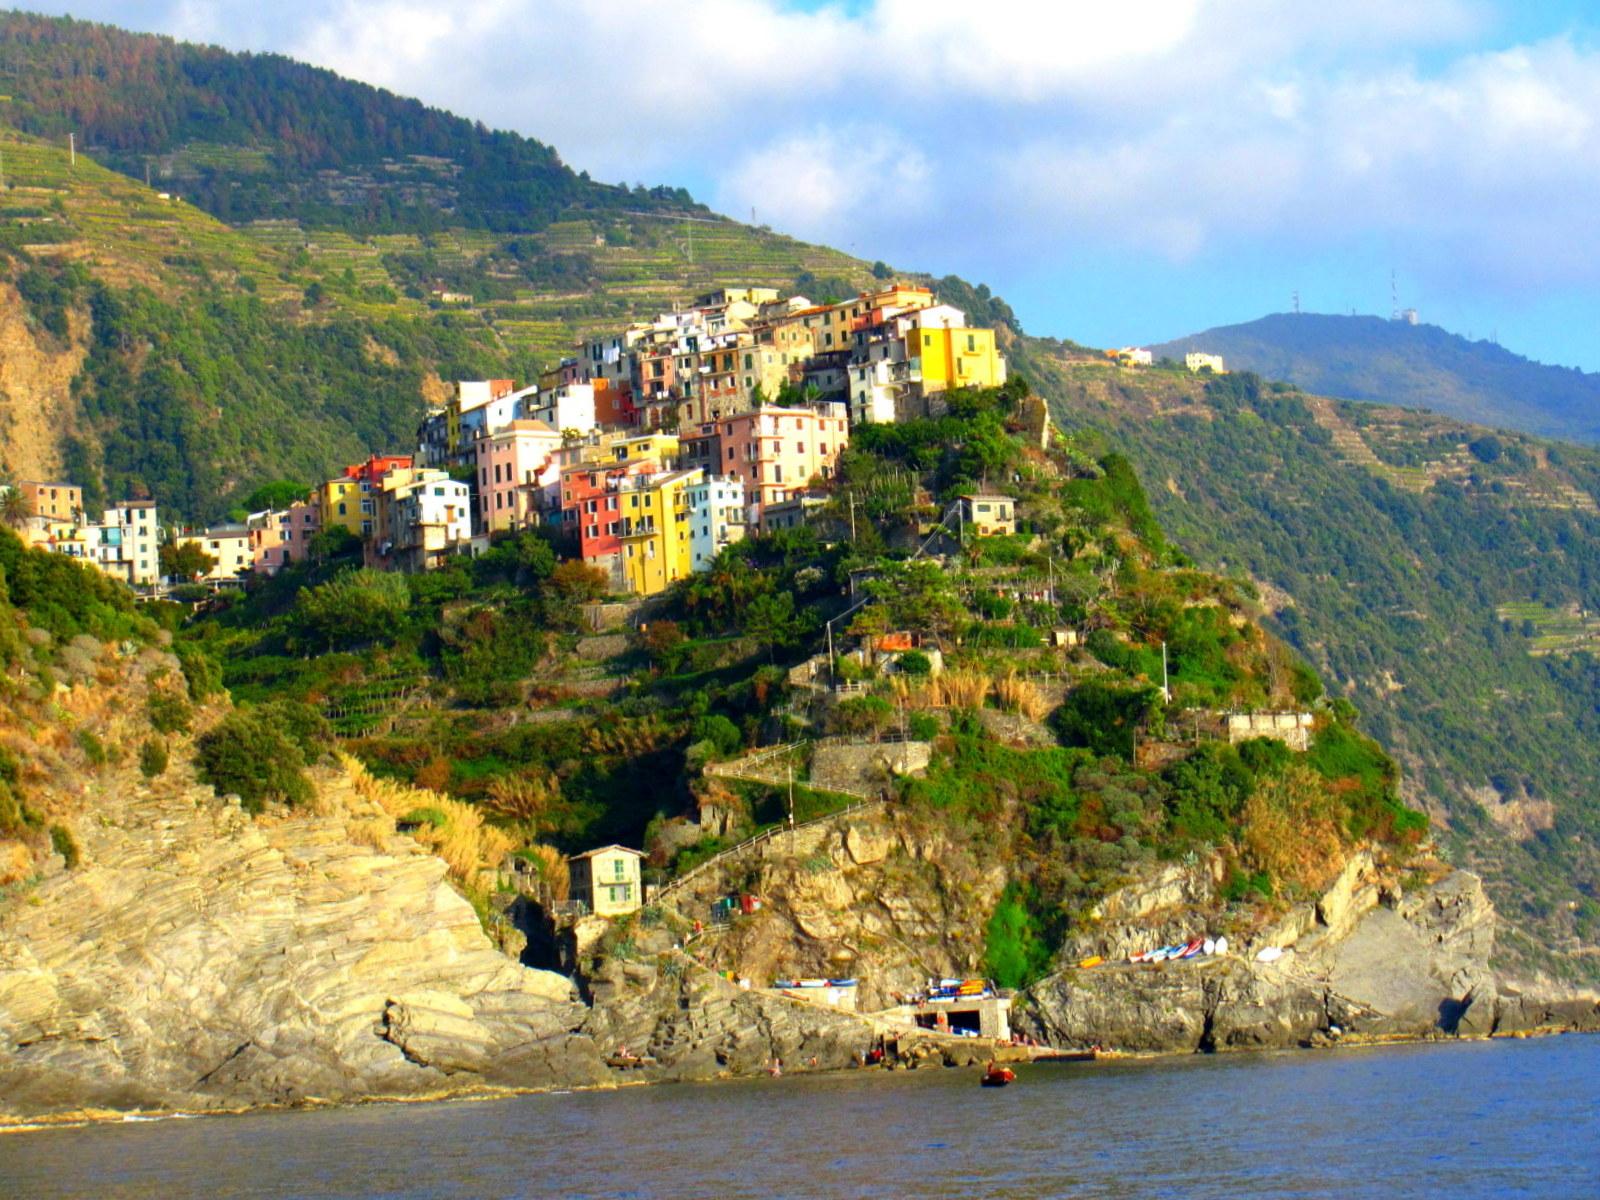 Cinque Terre, Corniglia, Italy. GoRoamin Travel Blog